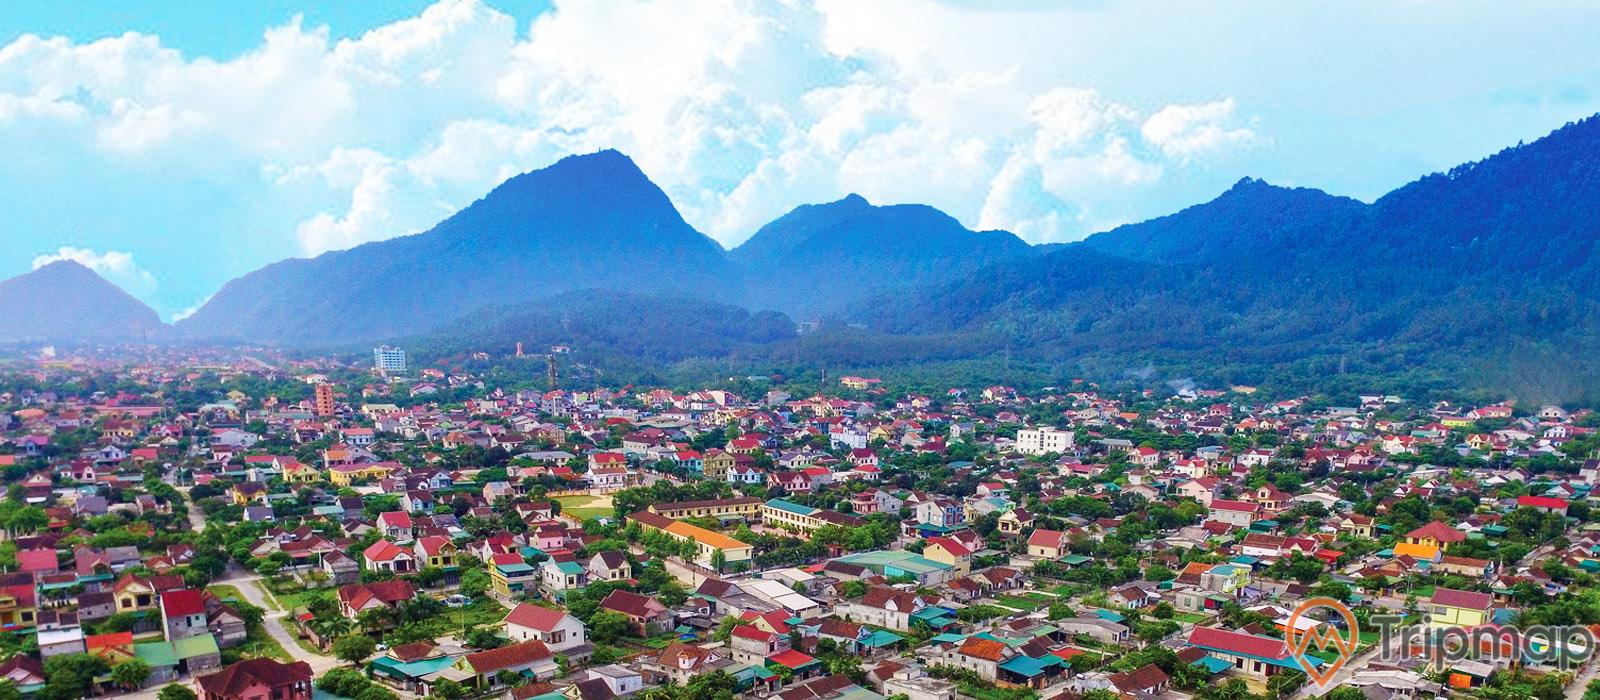 Sừng sững dãy núi Hồng giữa lòng thị xã Hồng Lĩnh